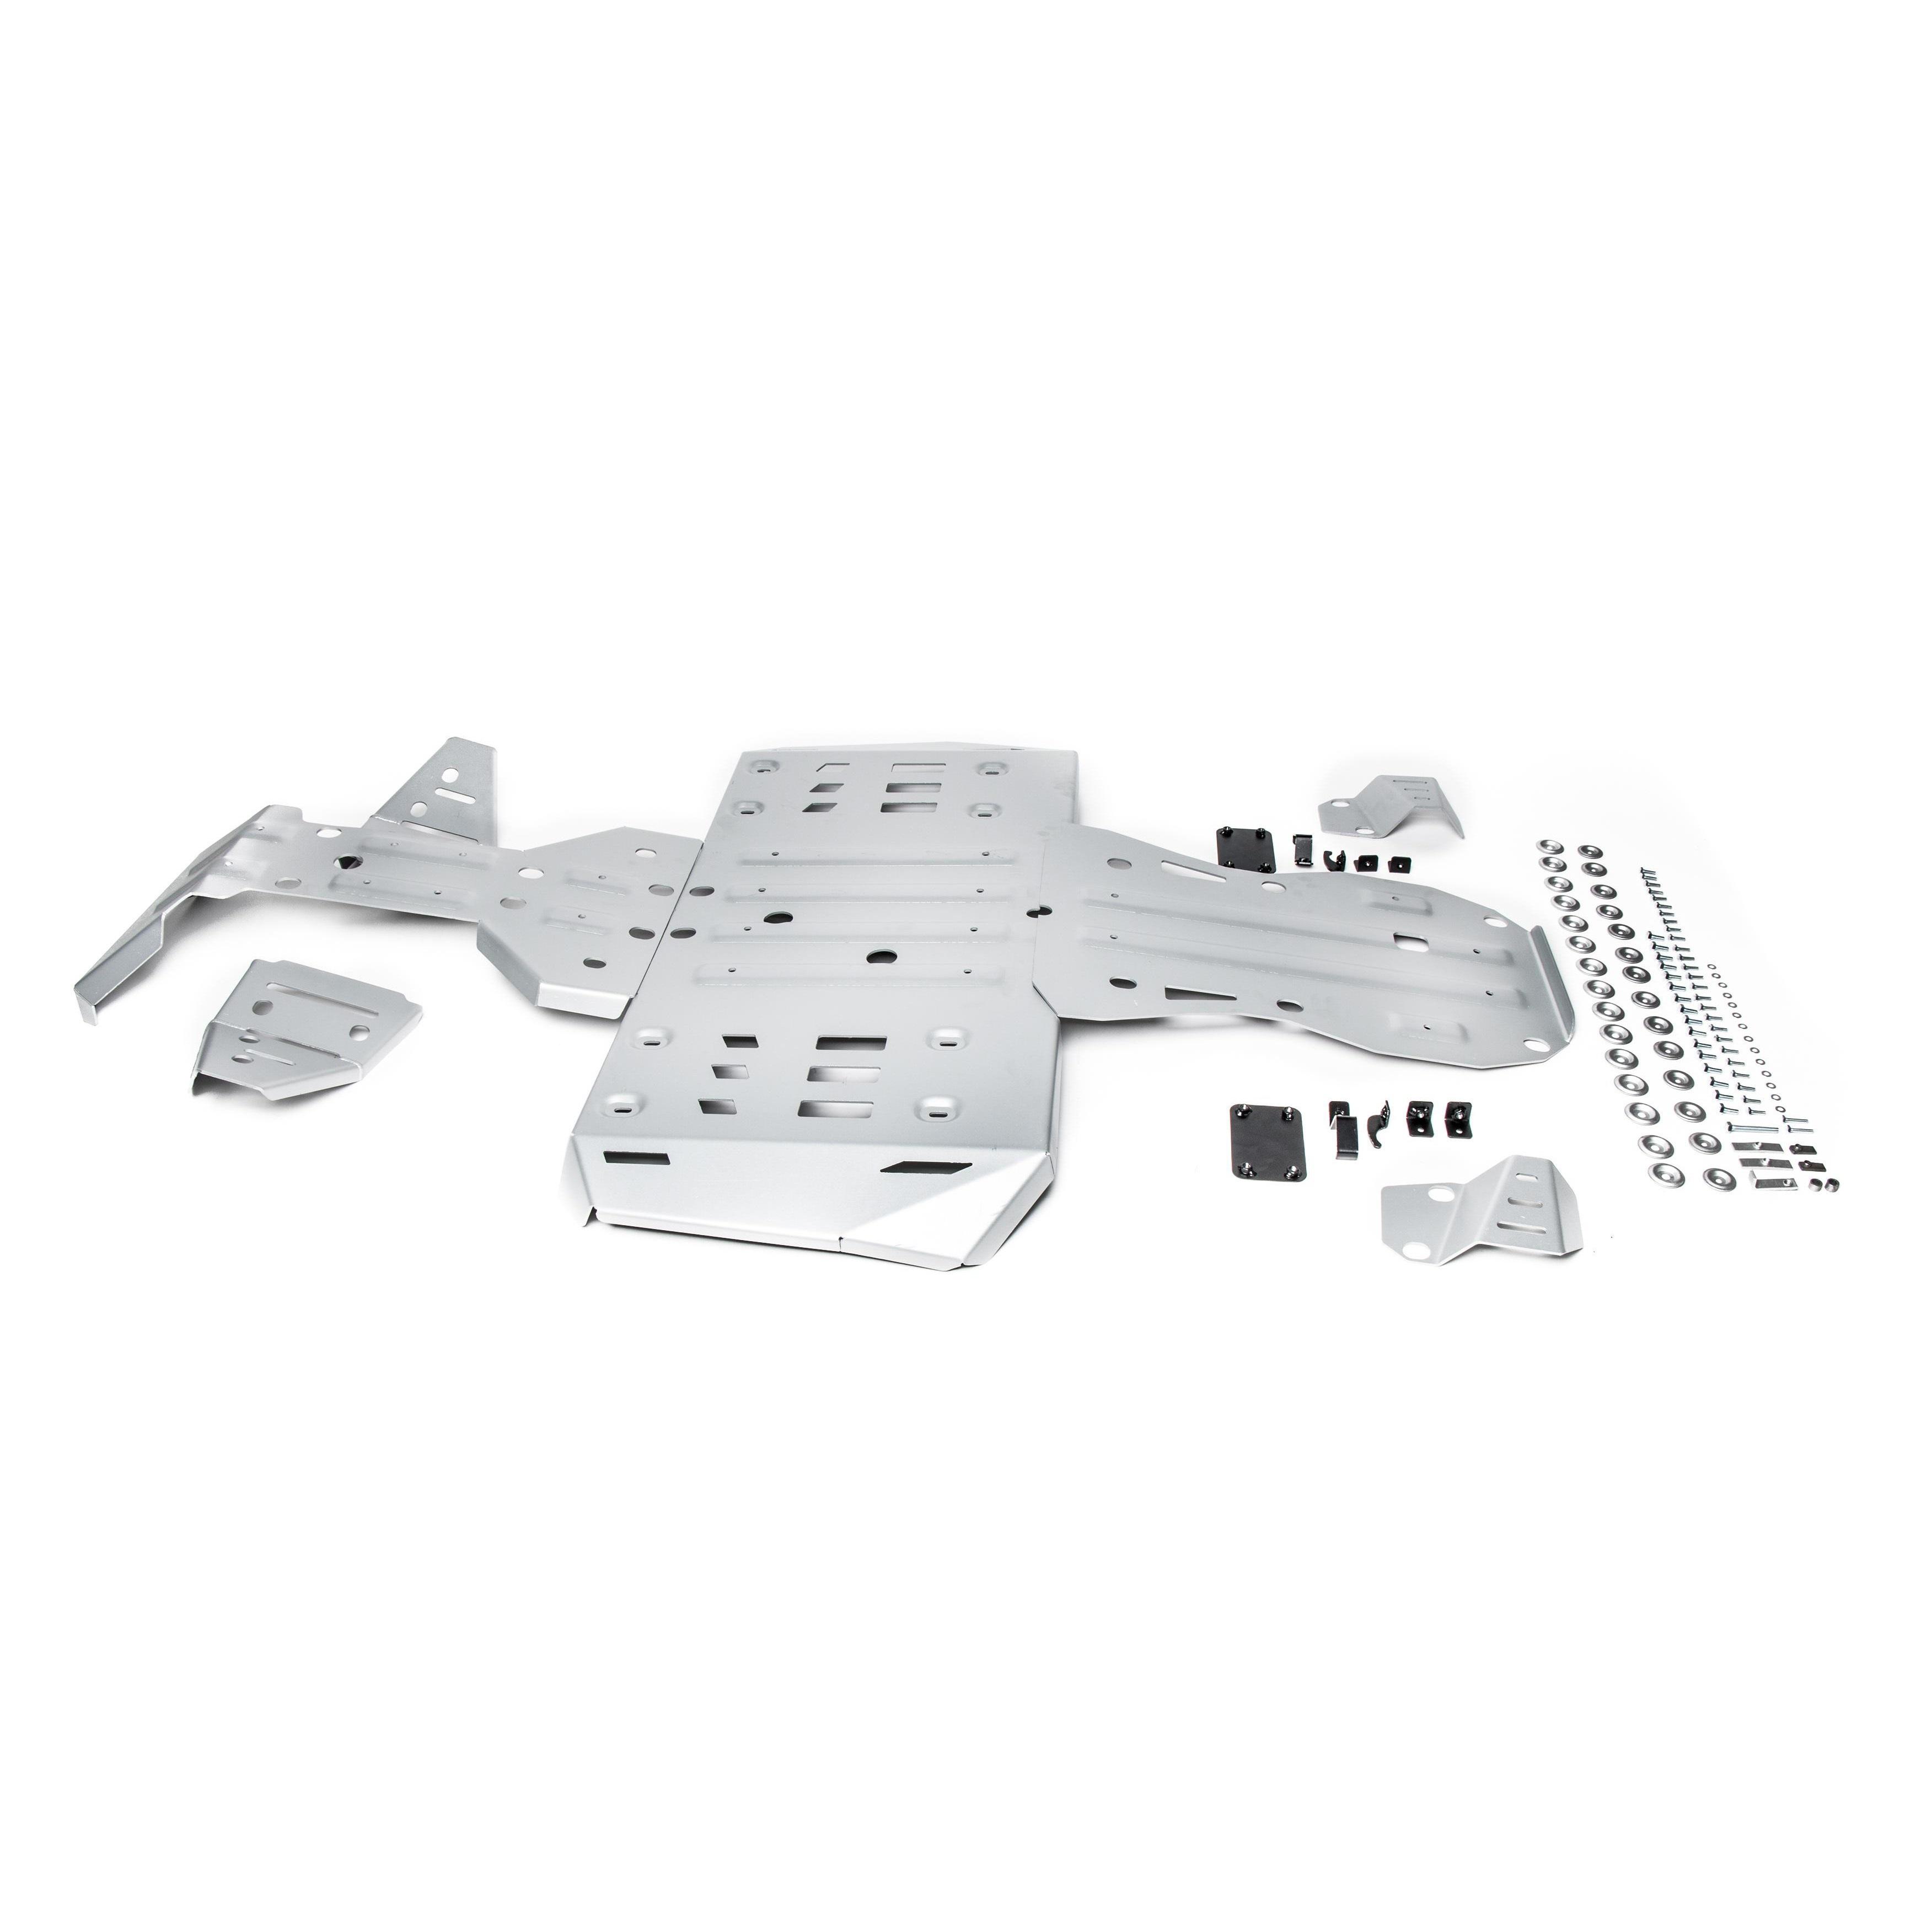 Ochranný kryt podvozka - Gladiator X1000 / X850